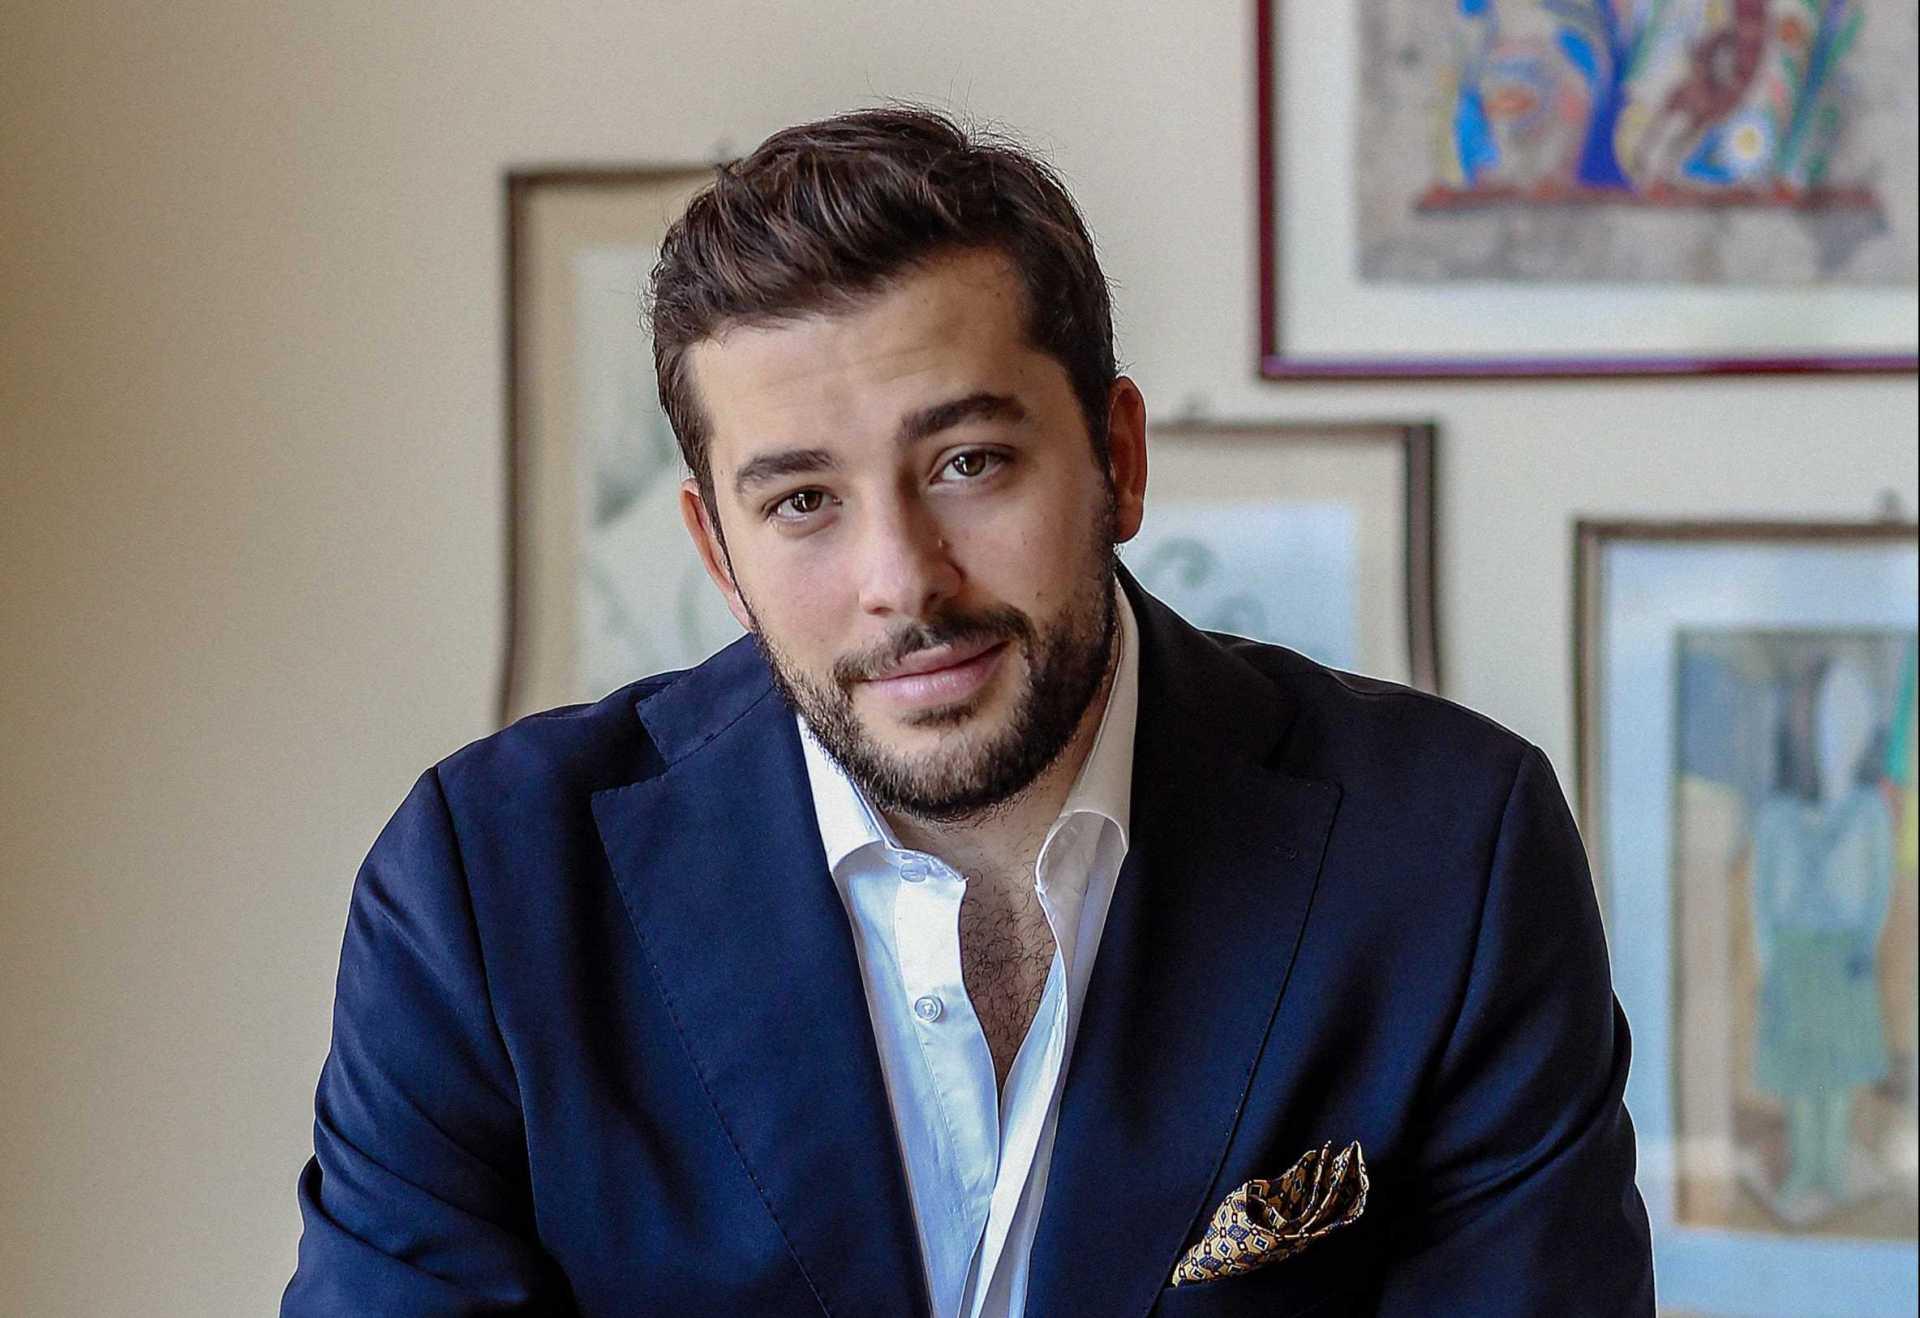 Tra nomi come l'attrice Matilda de Angelis e il calciatore Nicolò Barella, troviamo Pasquale D'Avino, classe 1991, fondatore del marchio di moda 'throwback', esportato in mezzo mondo: è uno dei 100 leader italiani under 30 secondo la rivista americana.